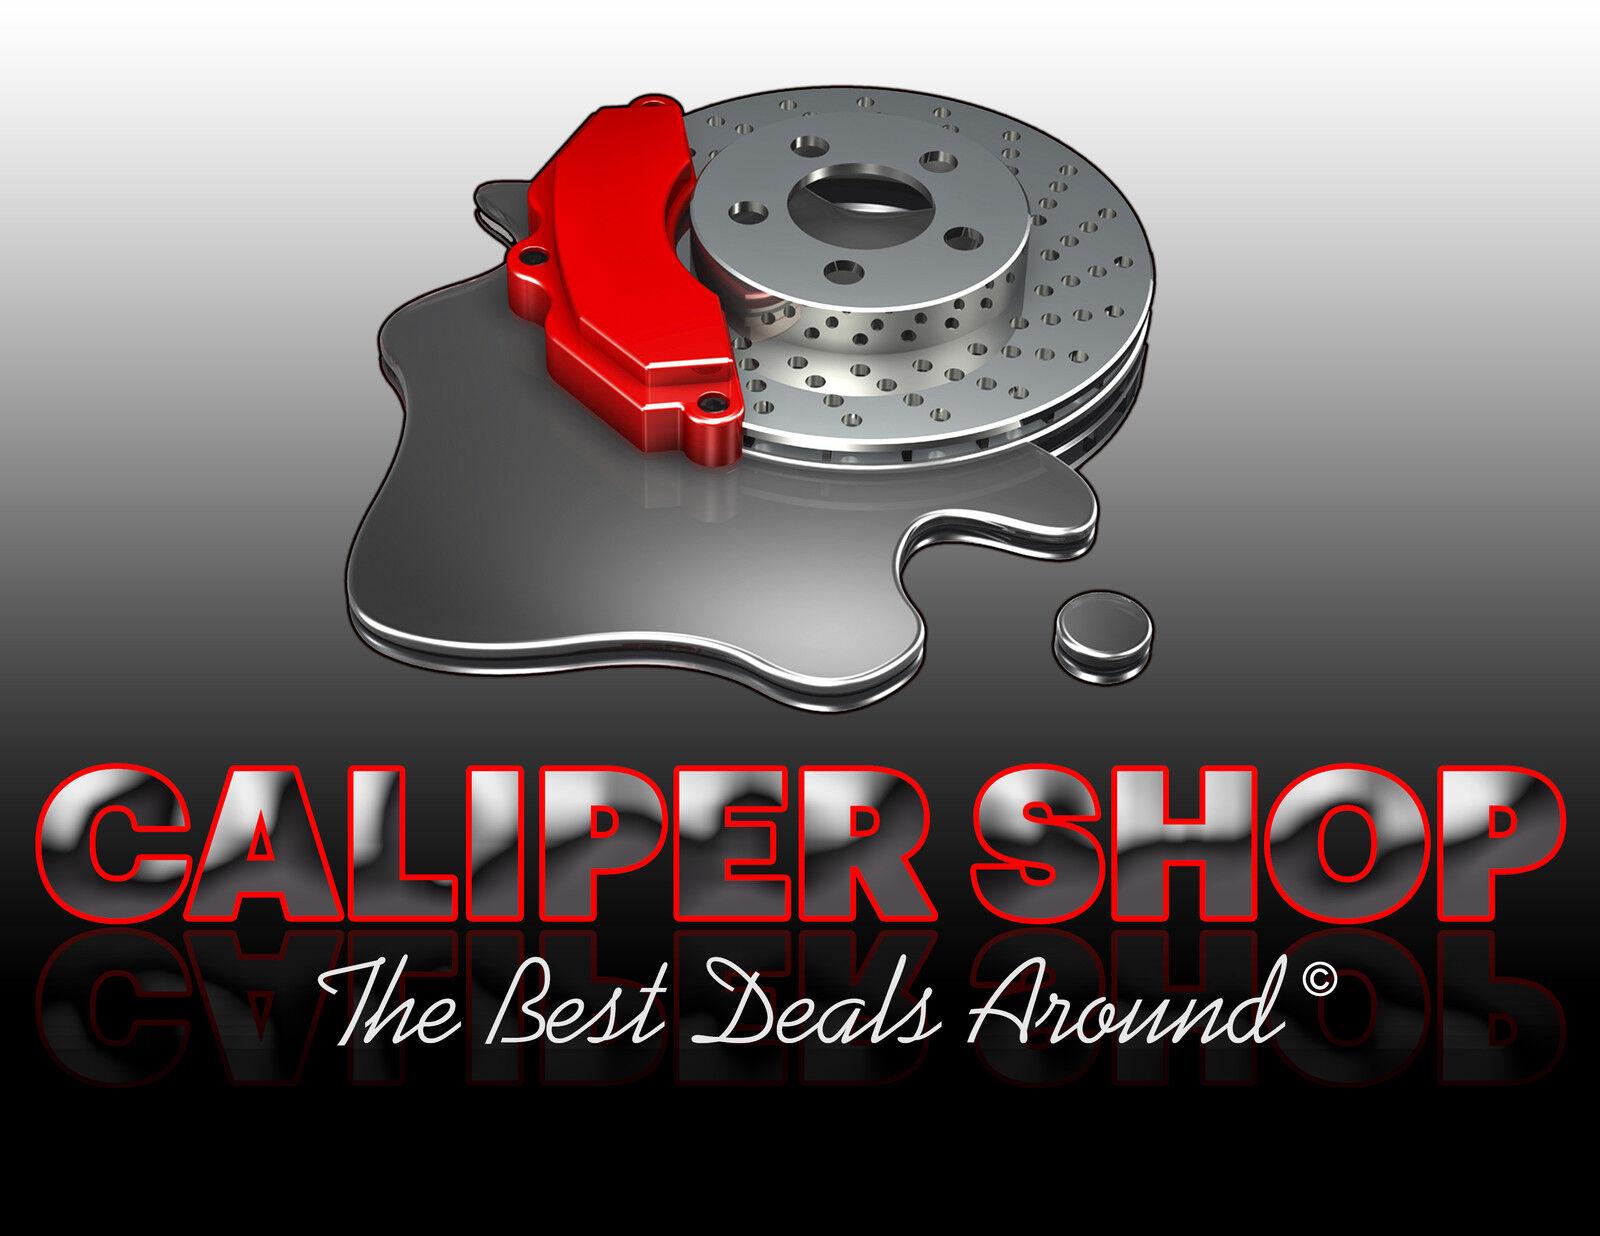 The Caliper Shop